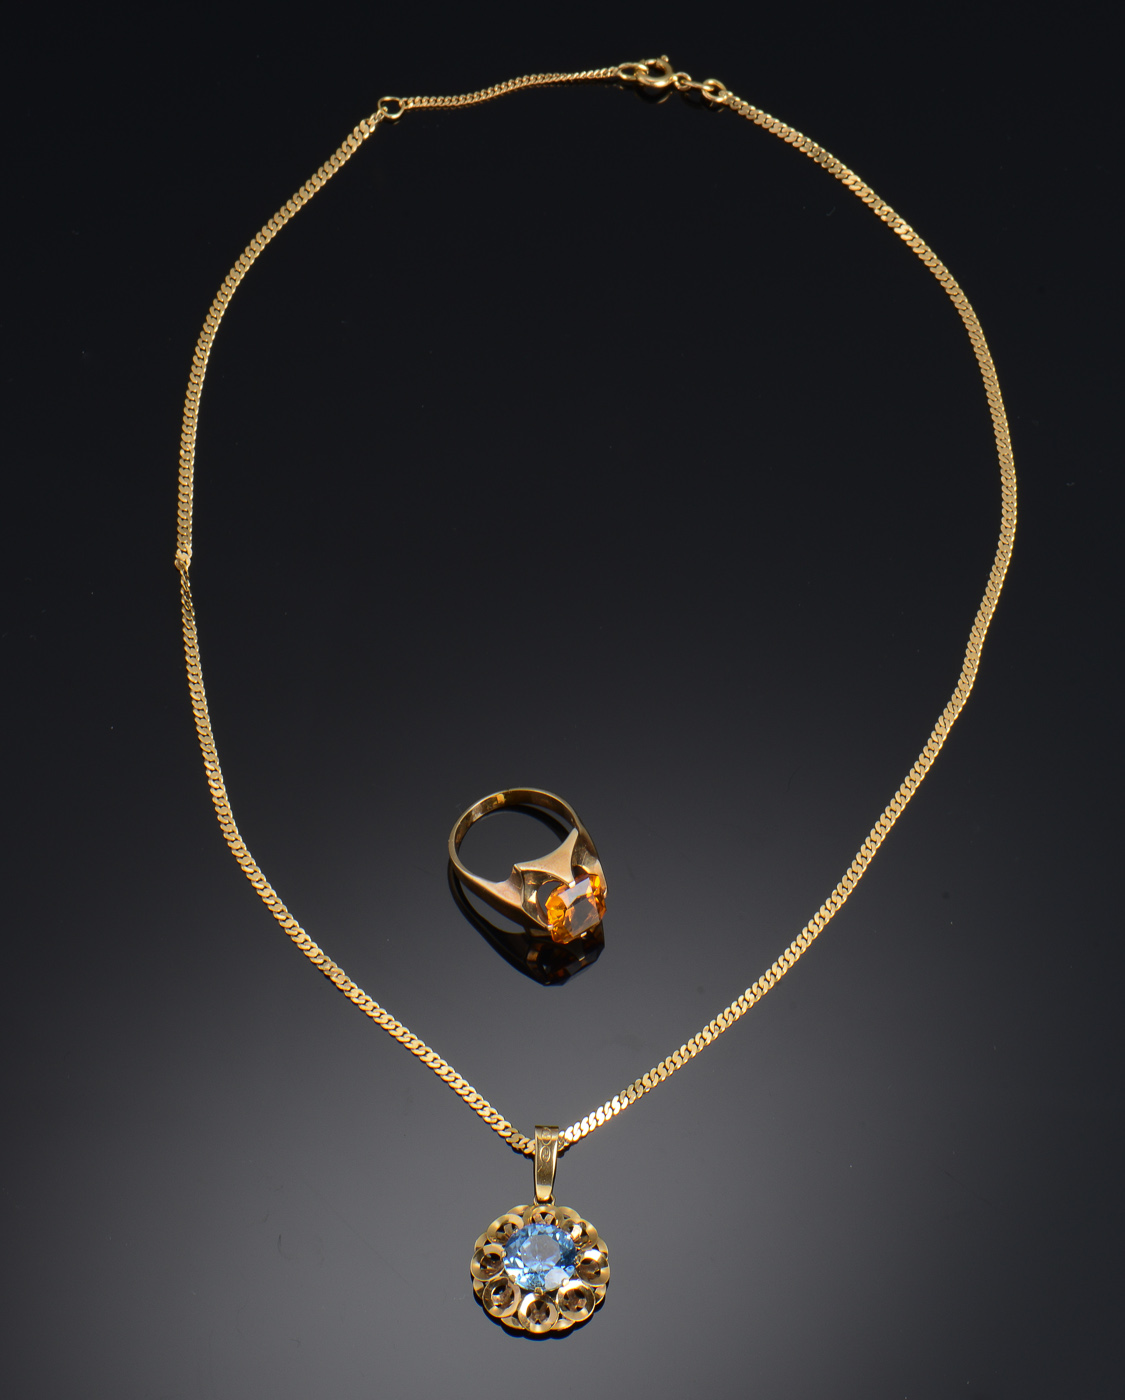 Ring samt halskæde af guld - Ring af 14 kt guld, prydet med en citrin, bredde af front ca 15 mm Ringstr. 54 Endvidere vedhæng af 18 kt guld, prydet med en lyseblå syntetisk spinel. Mål af vedhæng ca ø 1,9 cm, dertil panser halskæde af 18 kt guld. Samlet vægt ca 16 gr